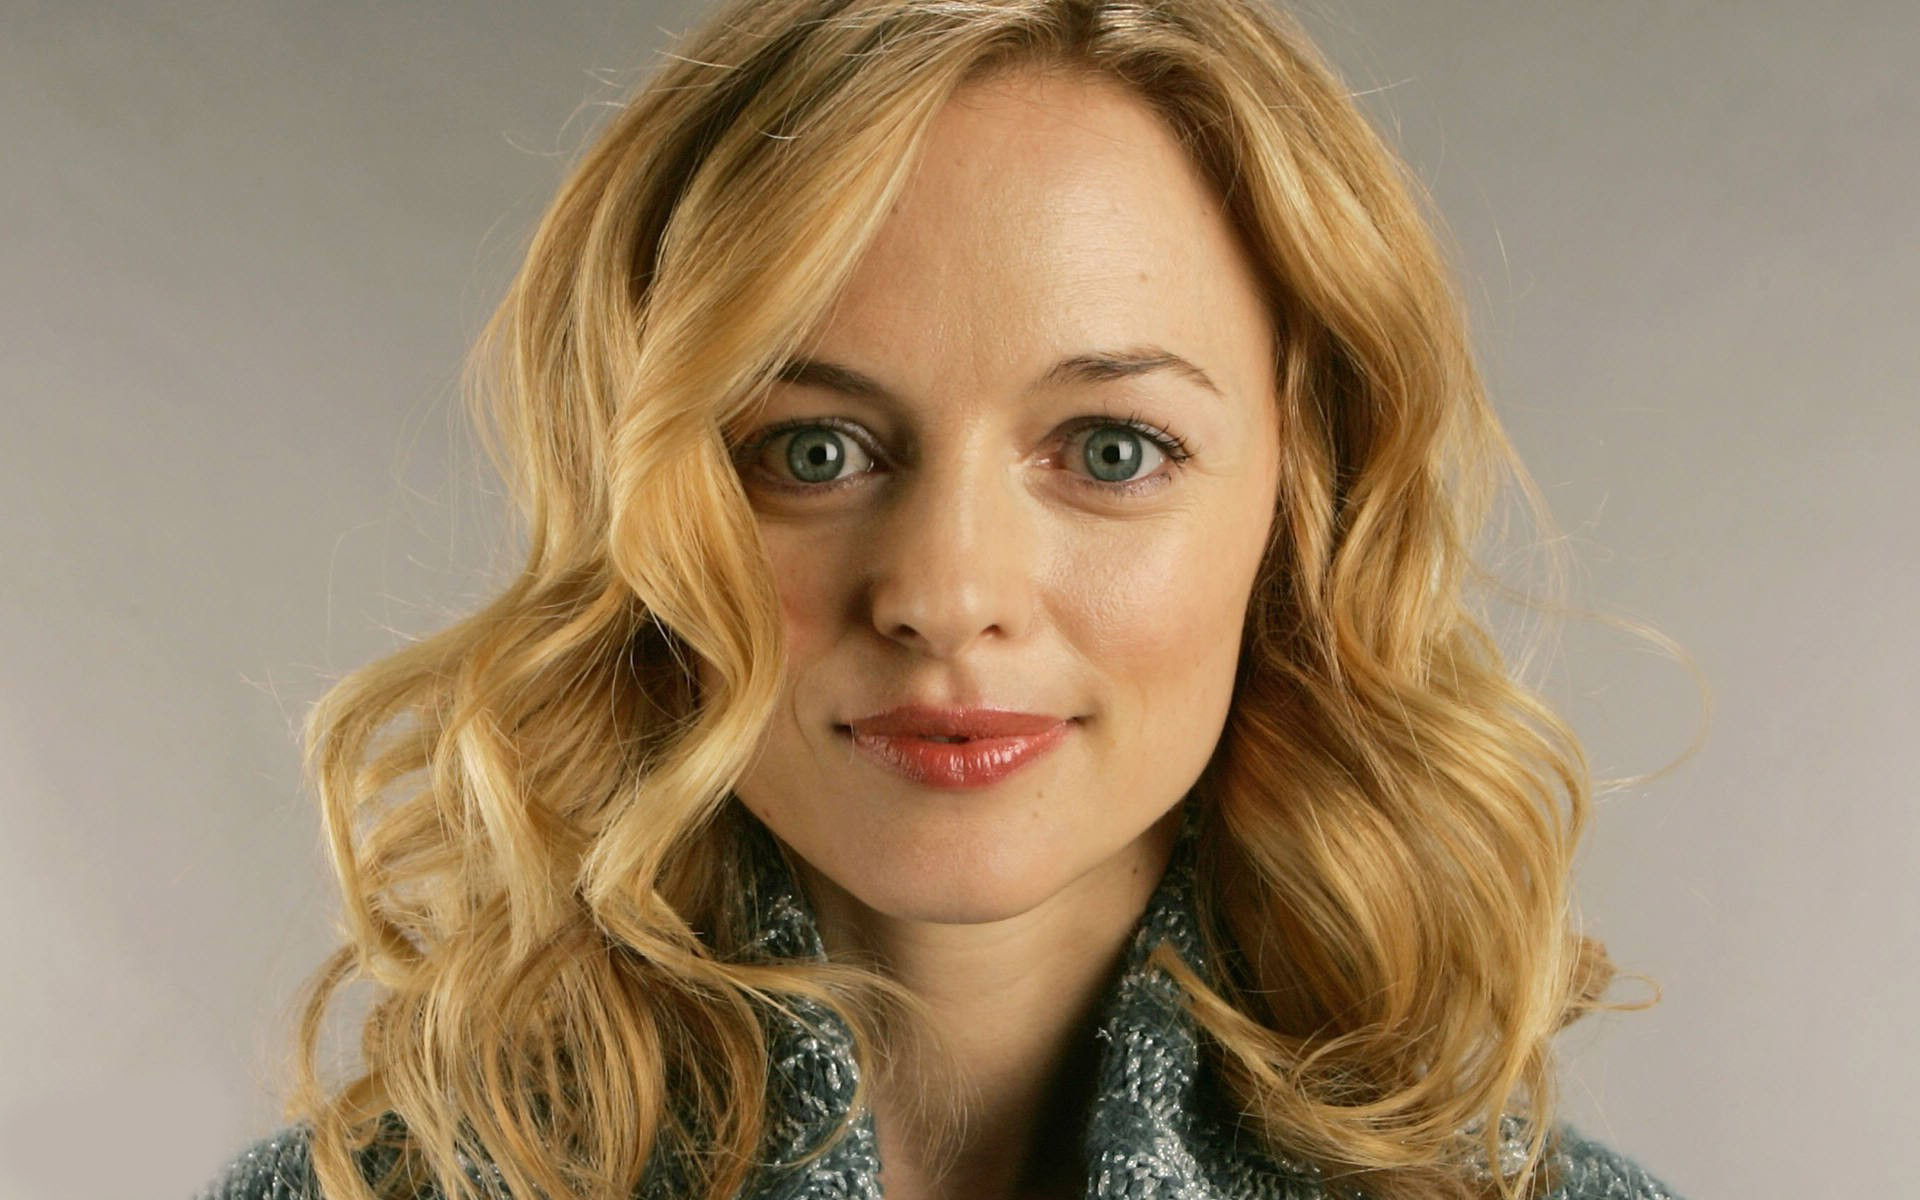 Heather Graham - Actress